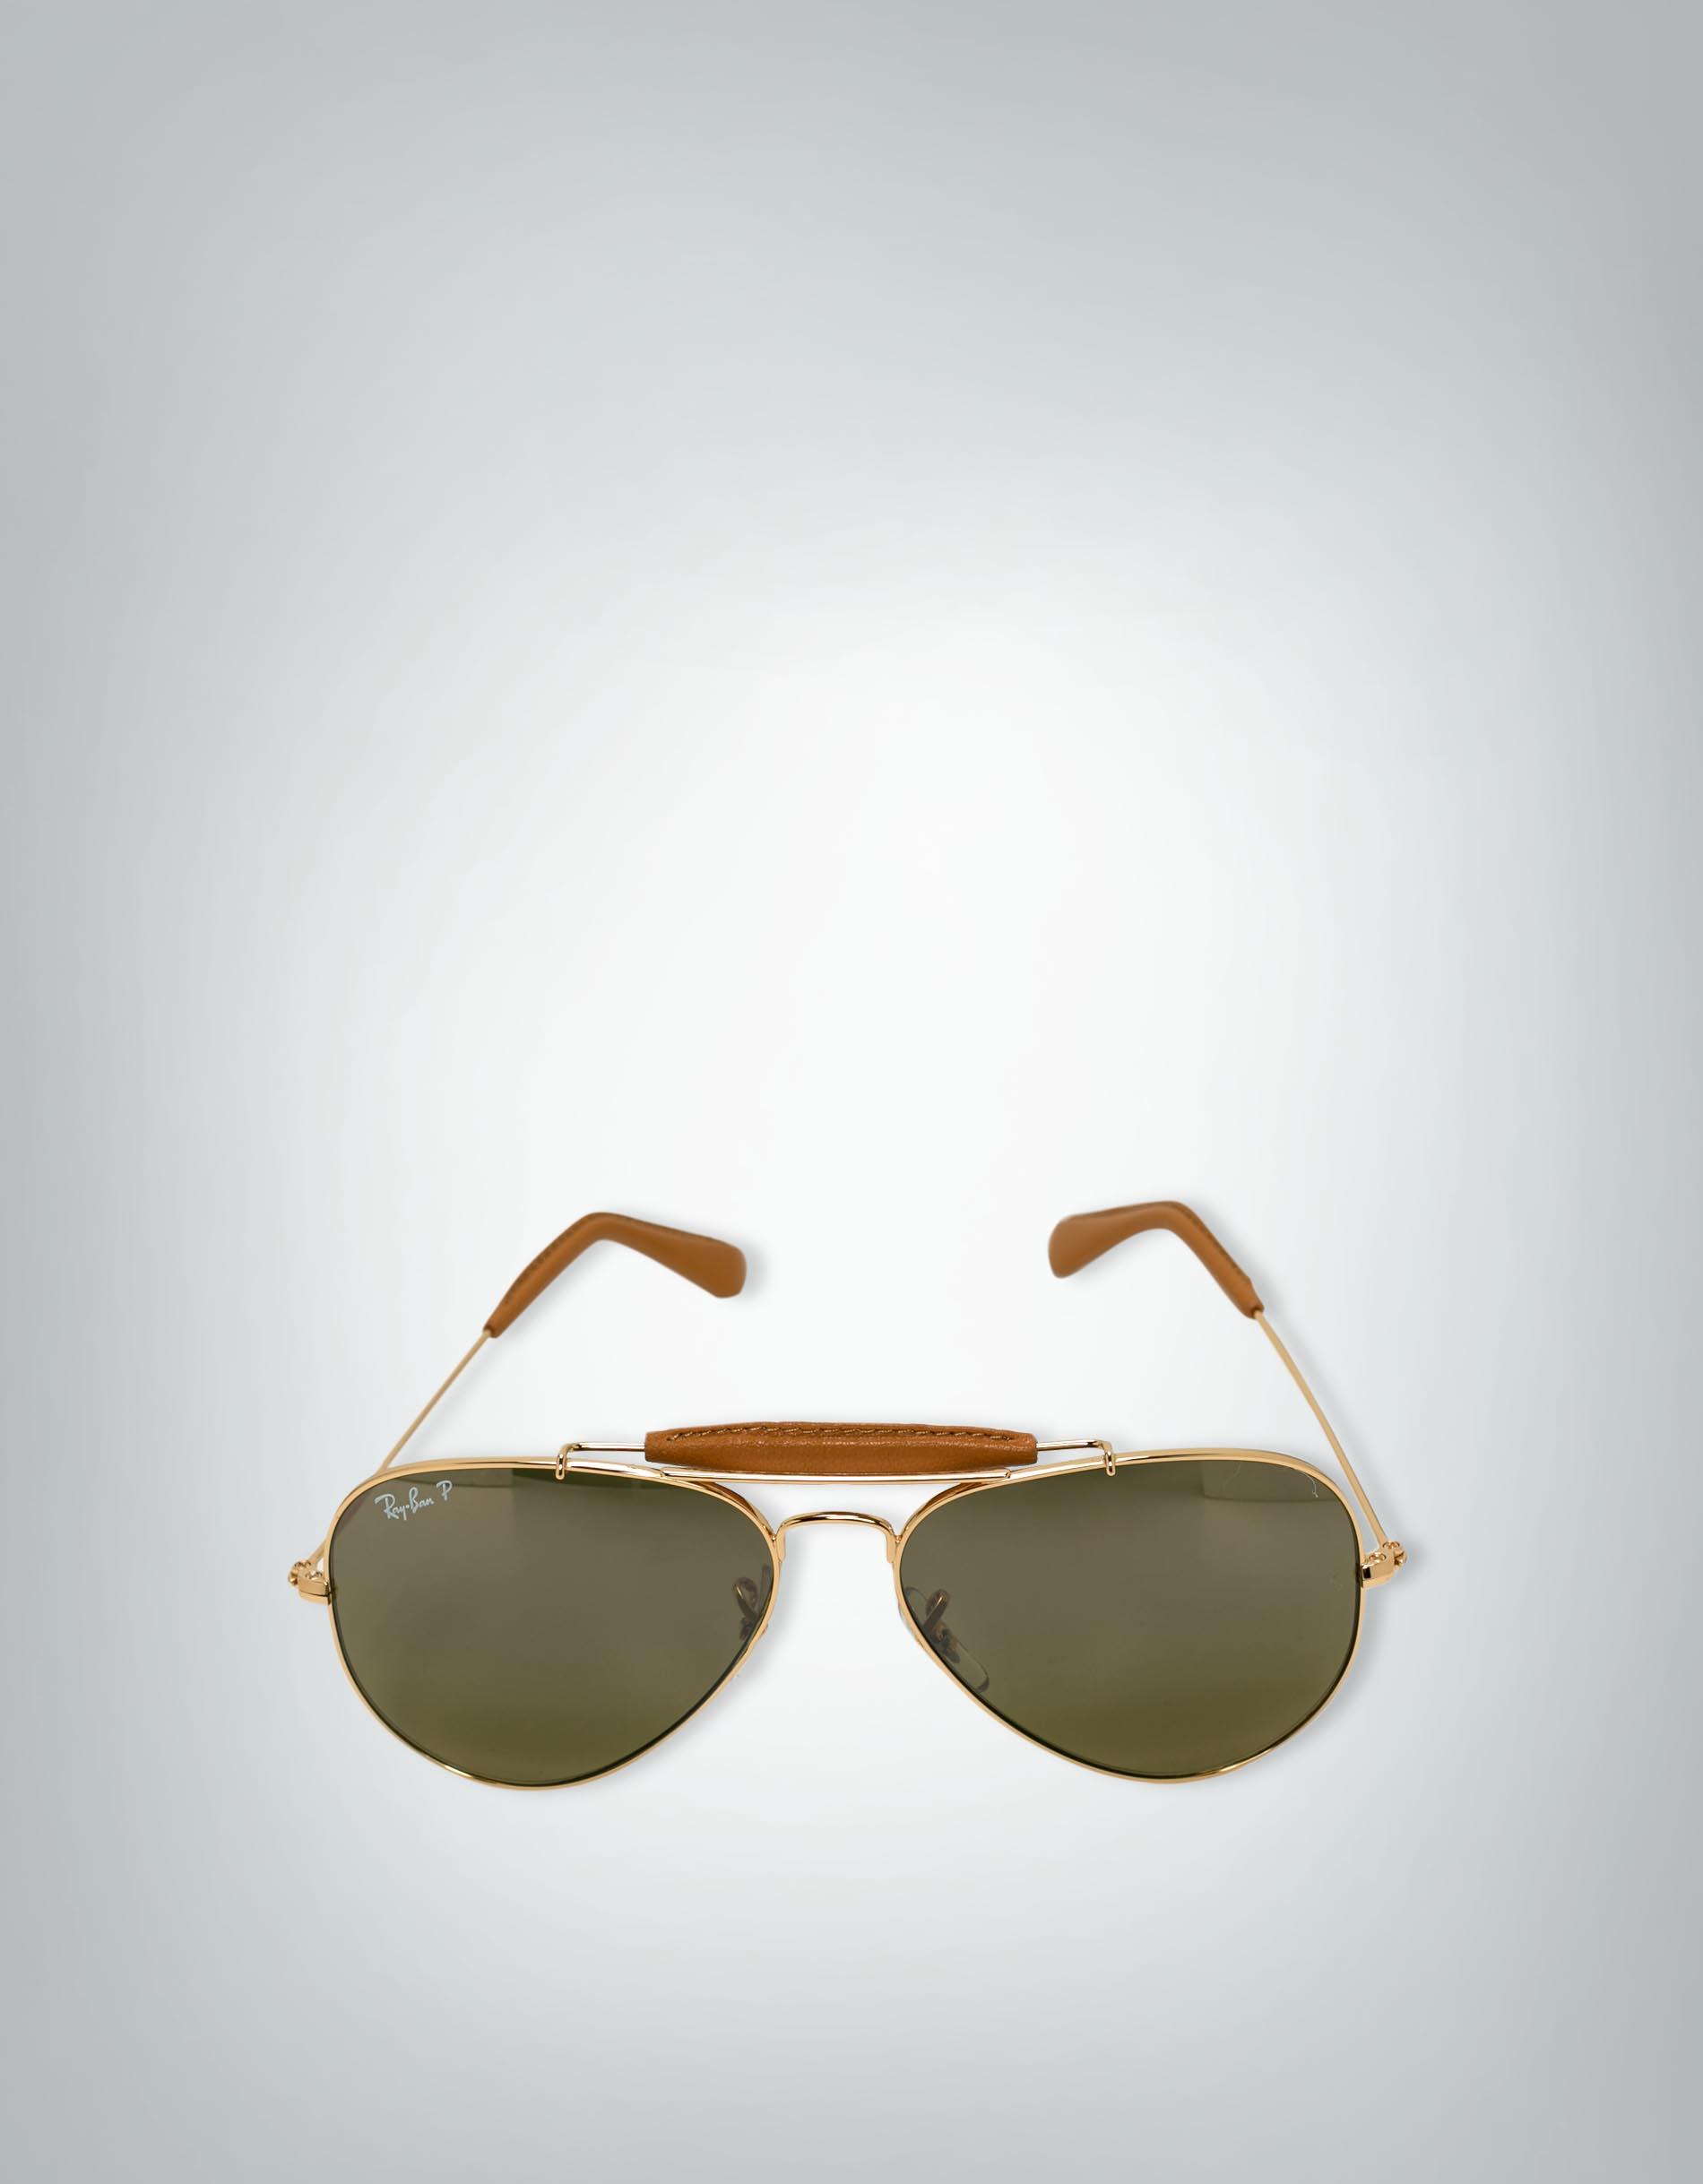 ray ban damen brille piloten mit leder details empfohlen von deinen schwestern. Black Bedroom Furniture Sets. Home Design Ideas